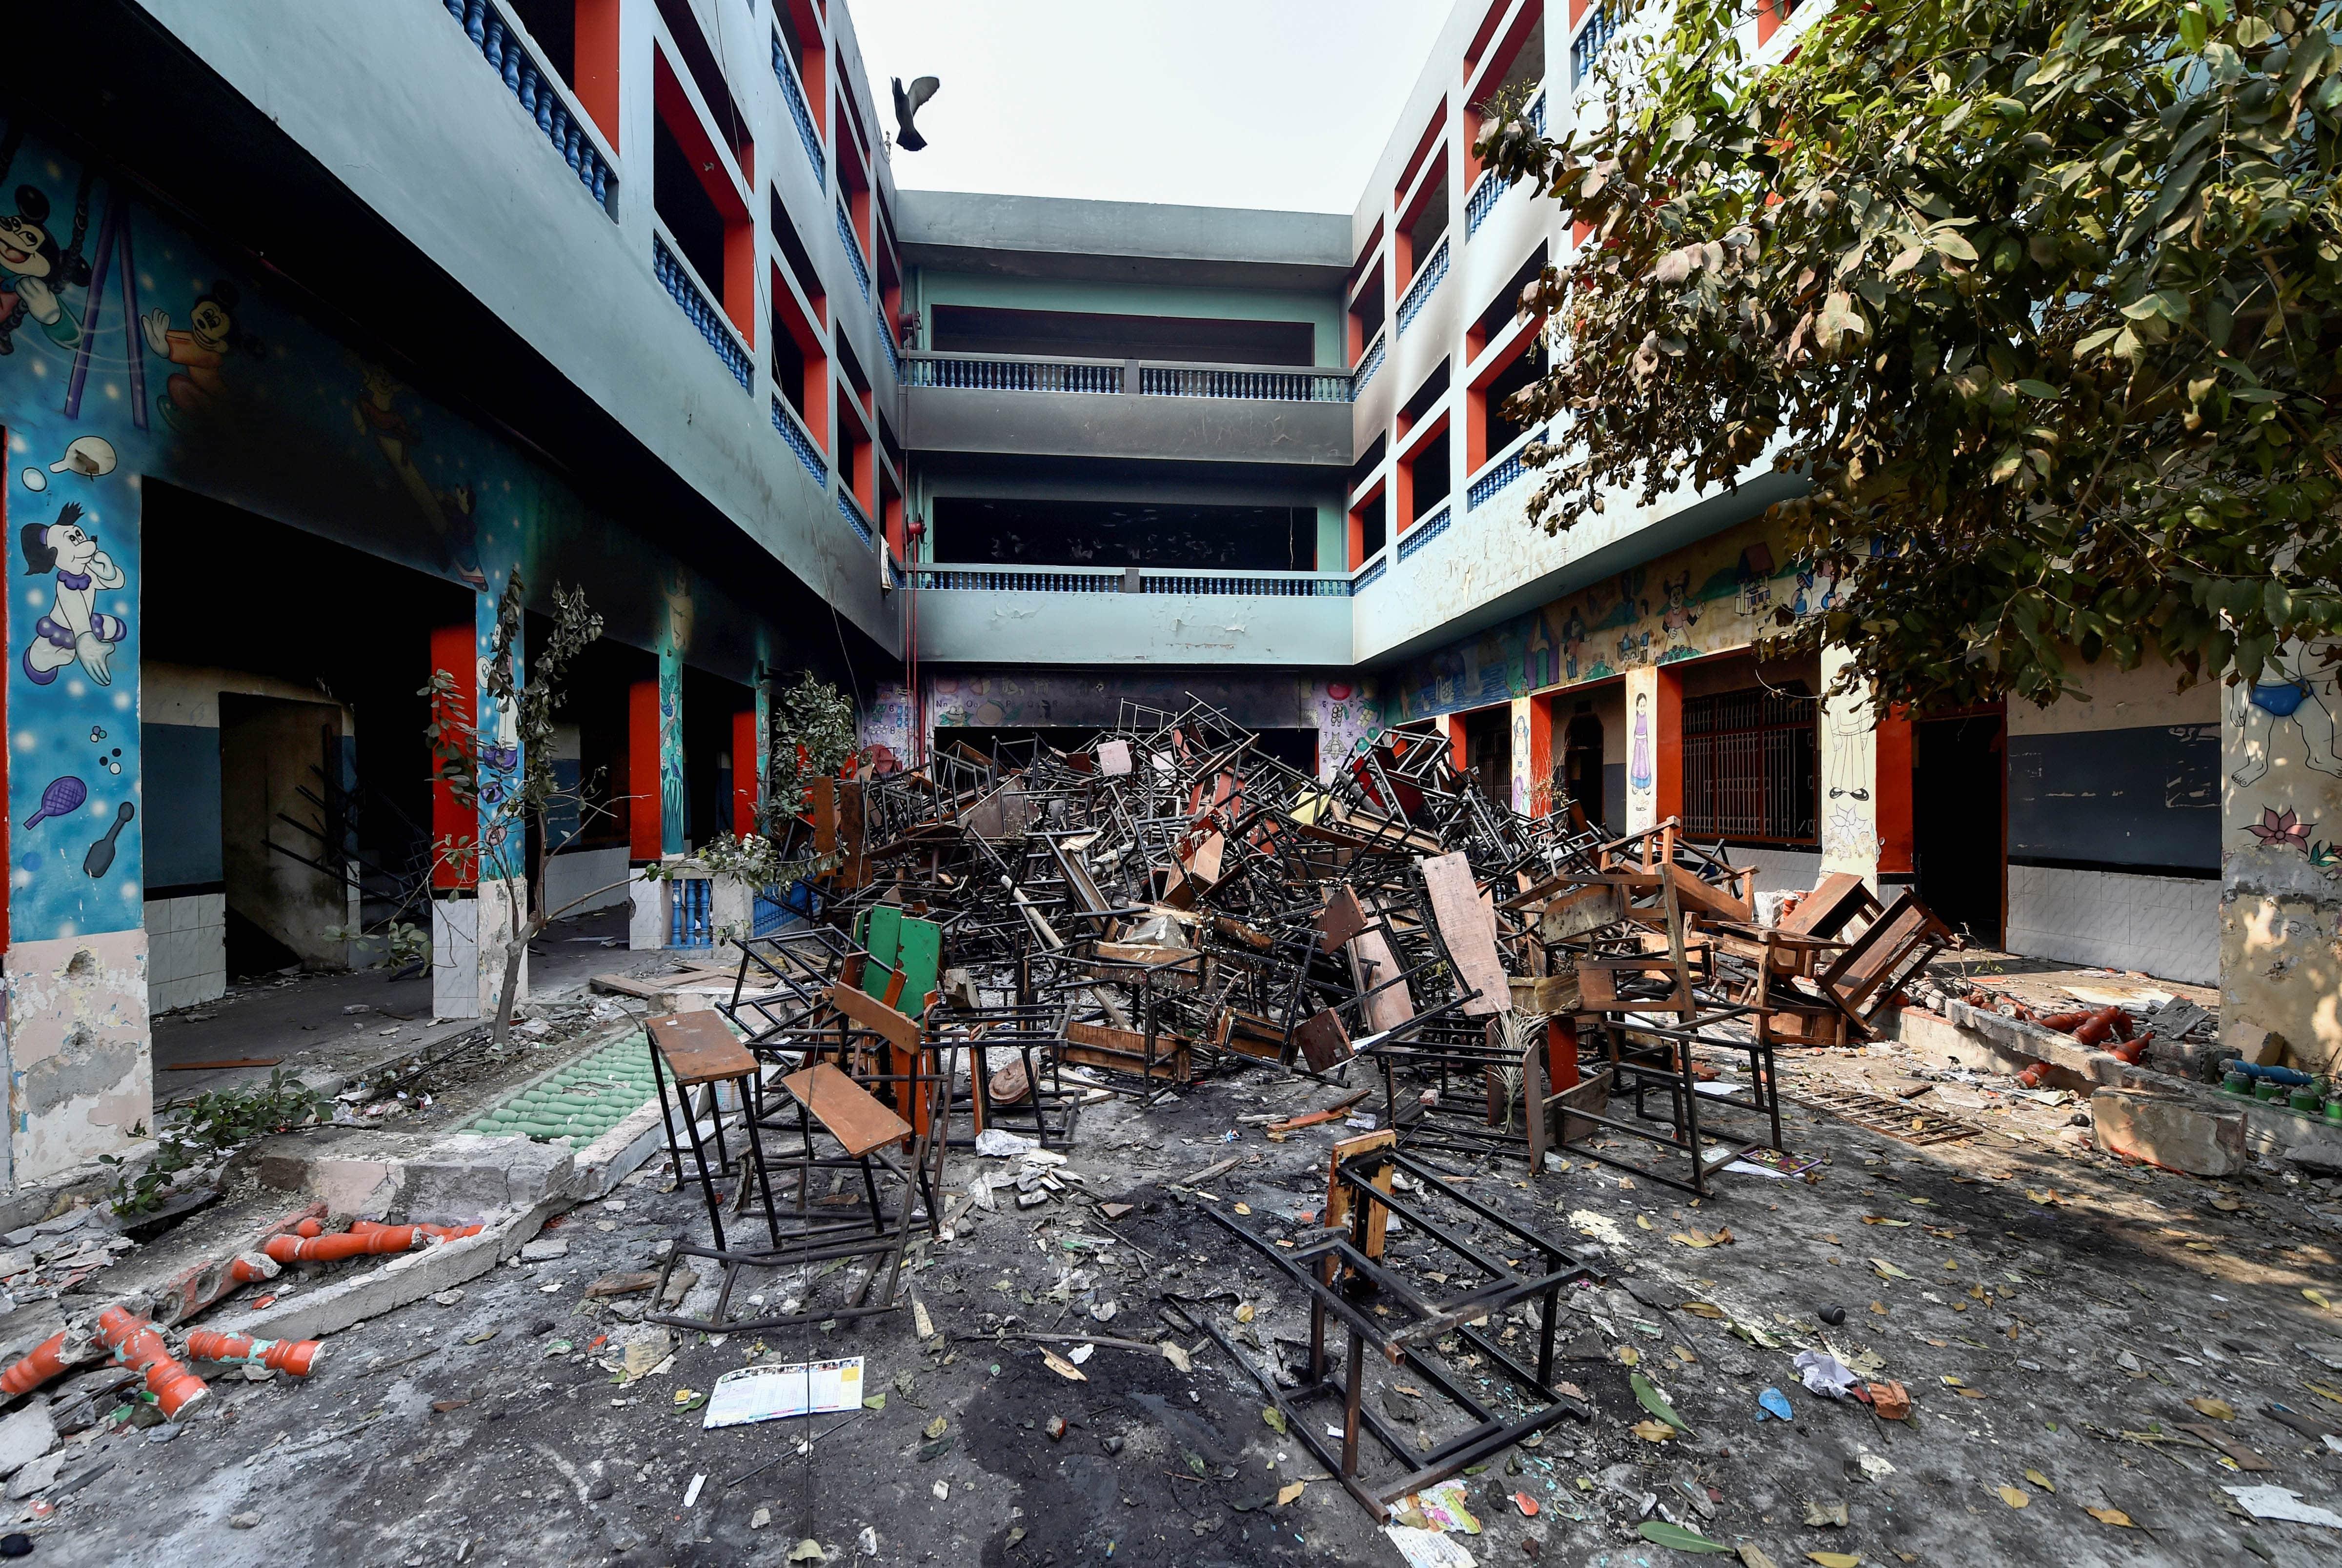 Delhi schools, Delhi riots, Delhi violence, Delhi Police, Schools vandalised